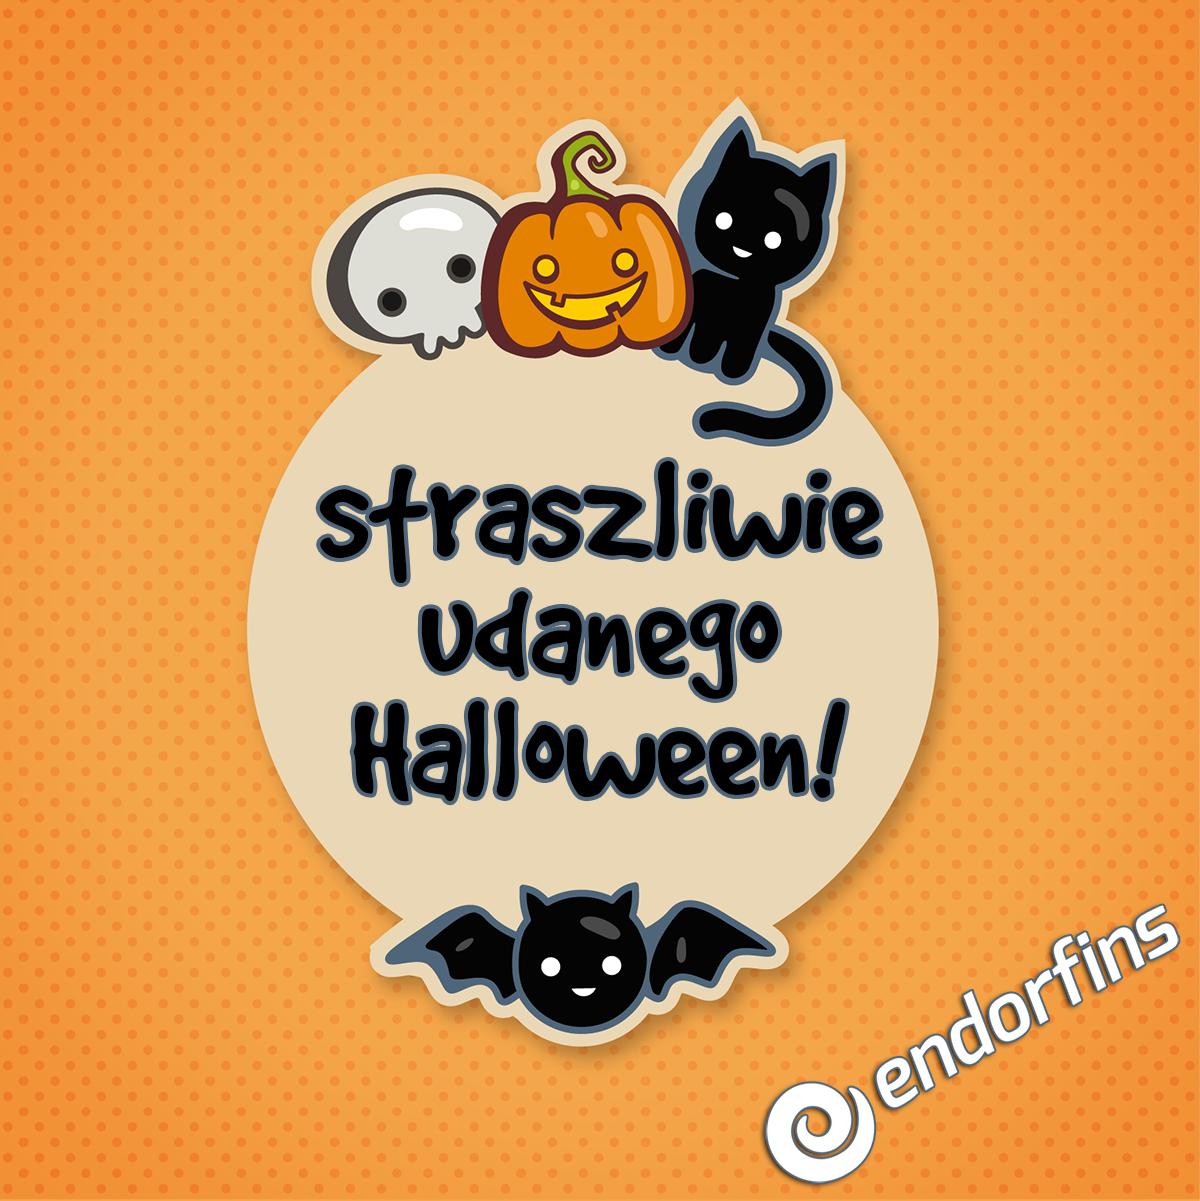 życzenia halloweenowe, życzenia z okazji halloween, organizacja imprez halloween